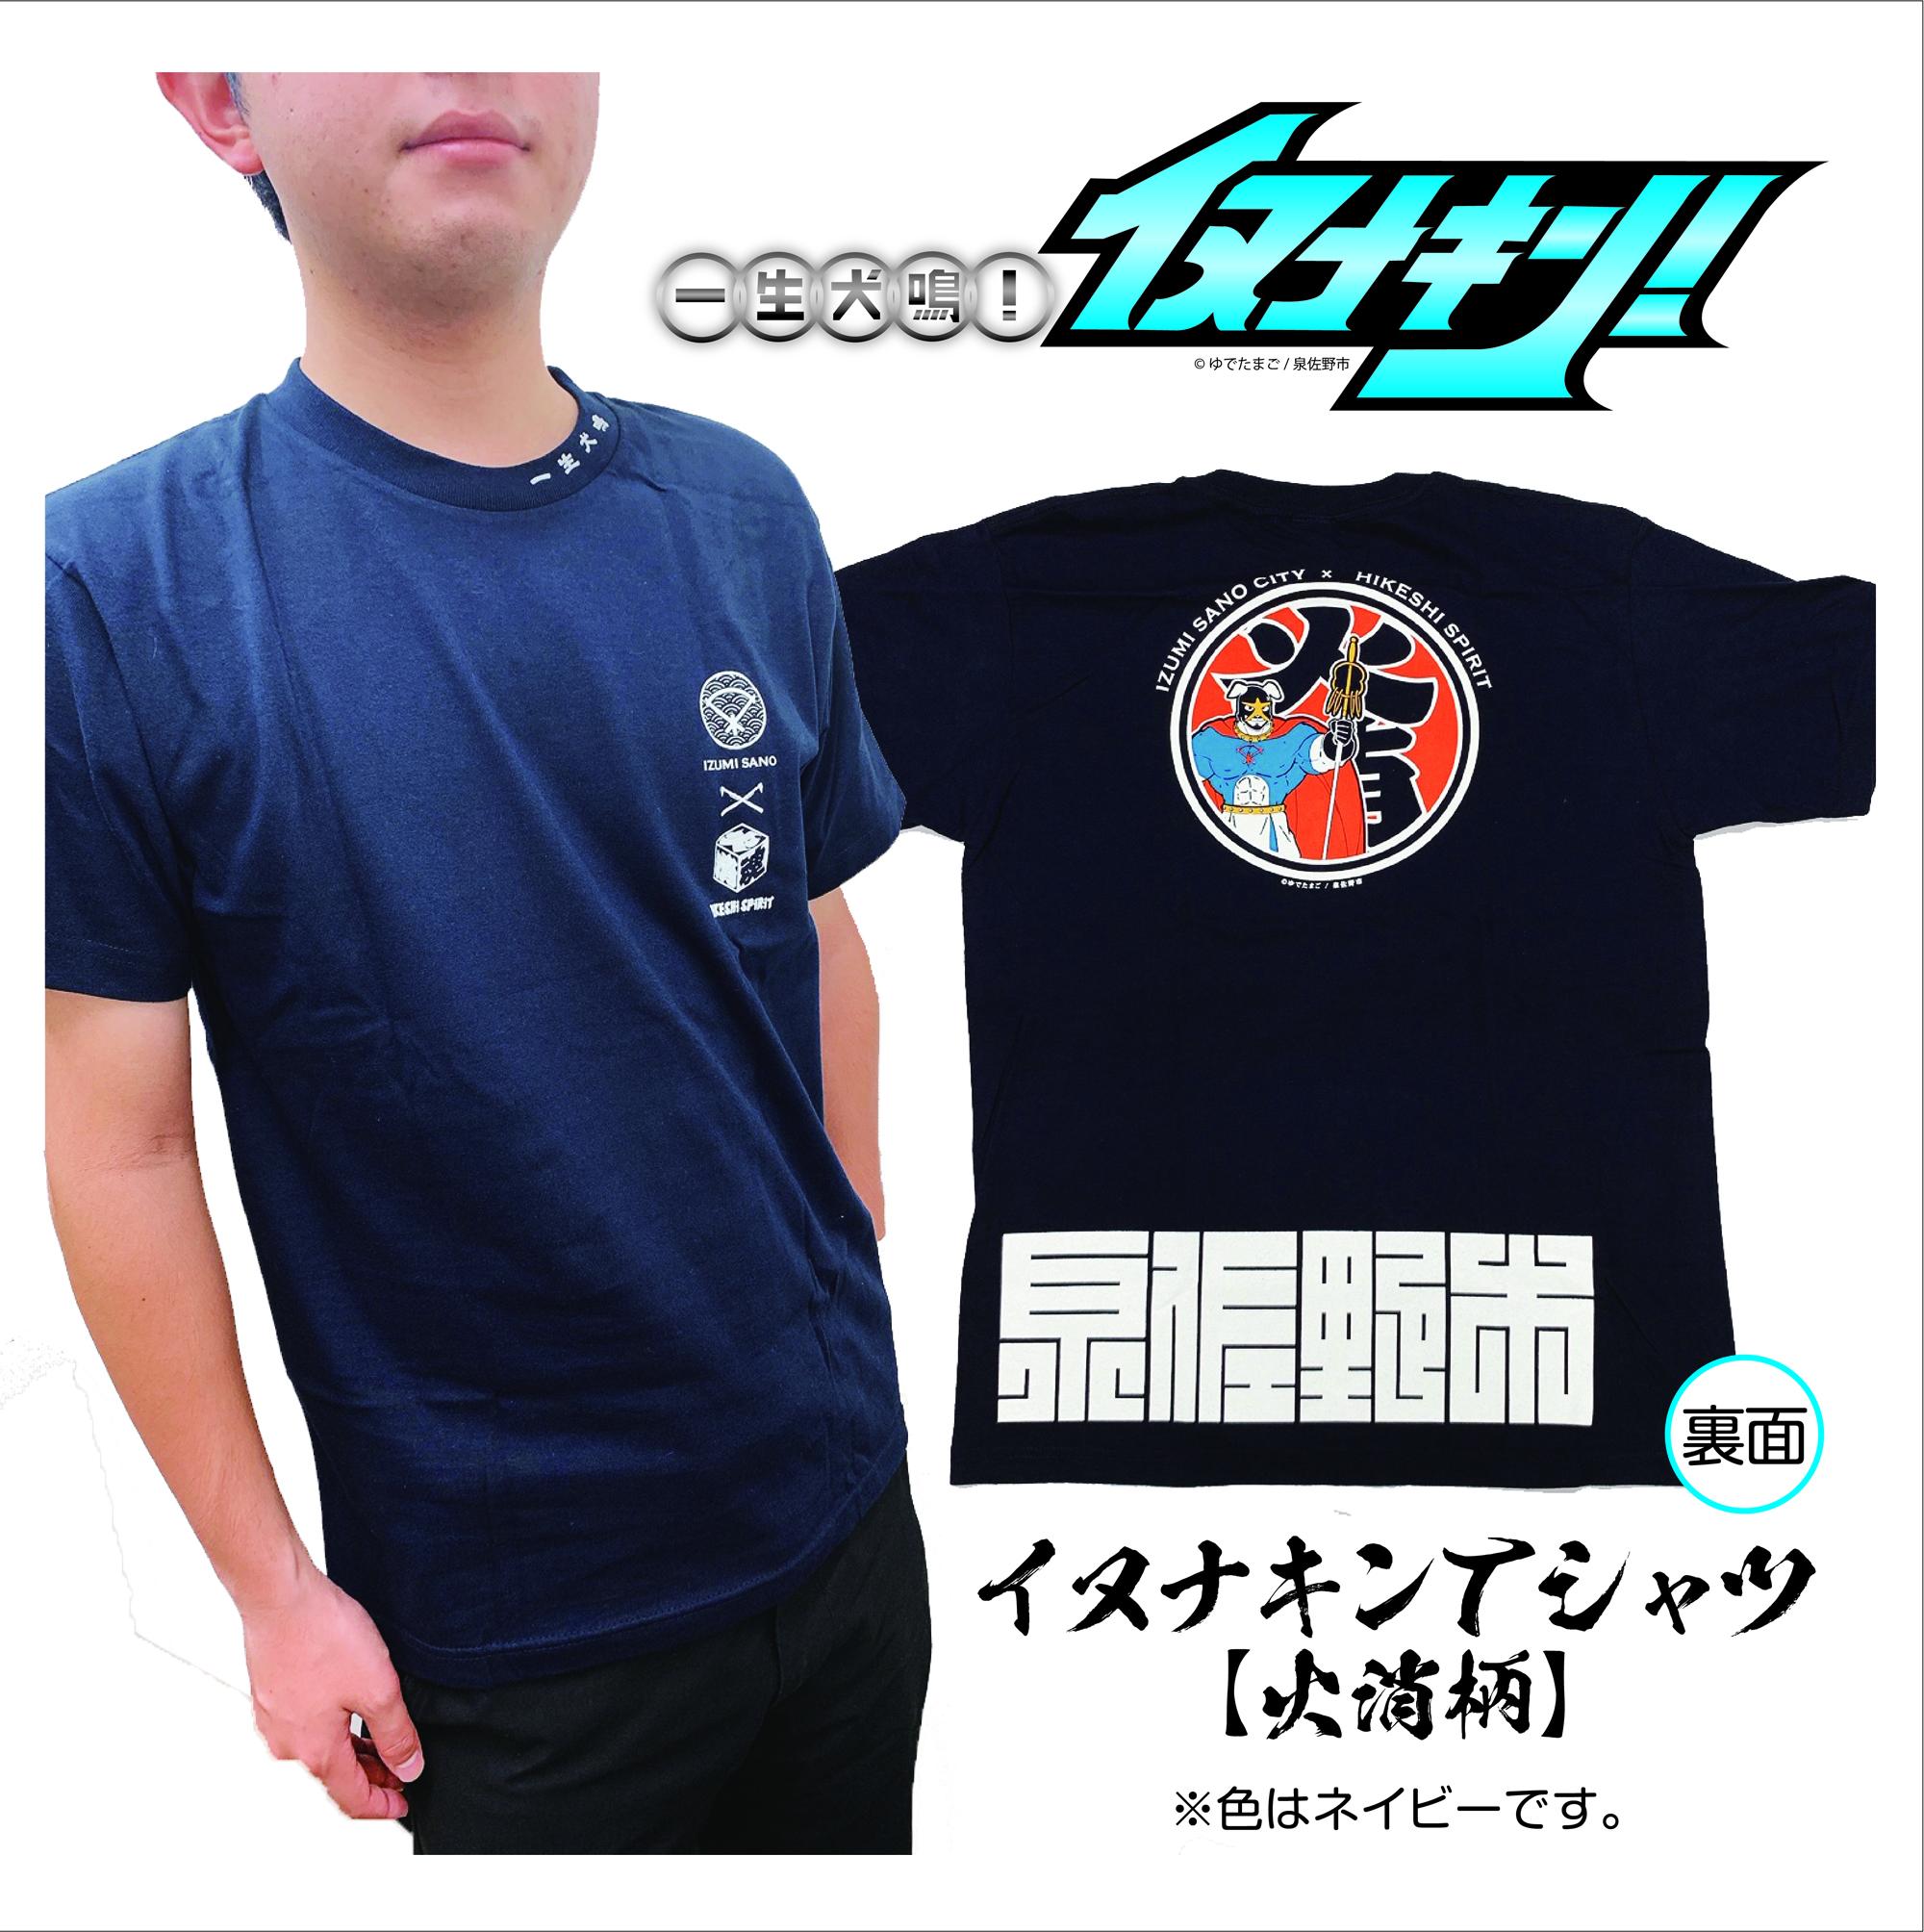 010B173 イヌナキン×火消魂コラボTシャツB サイズM